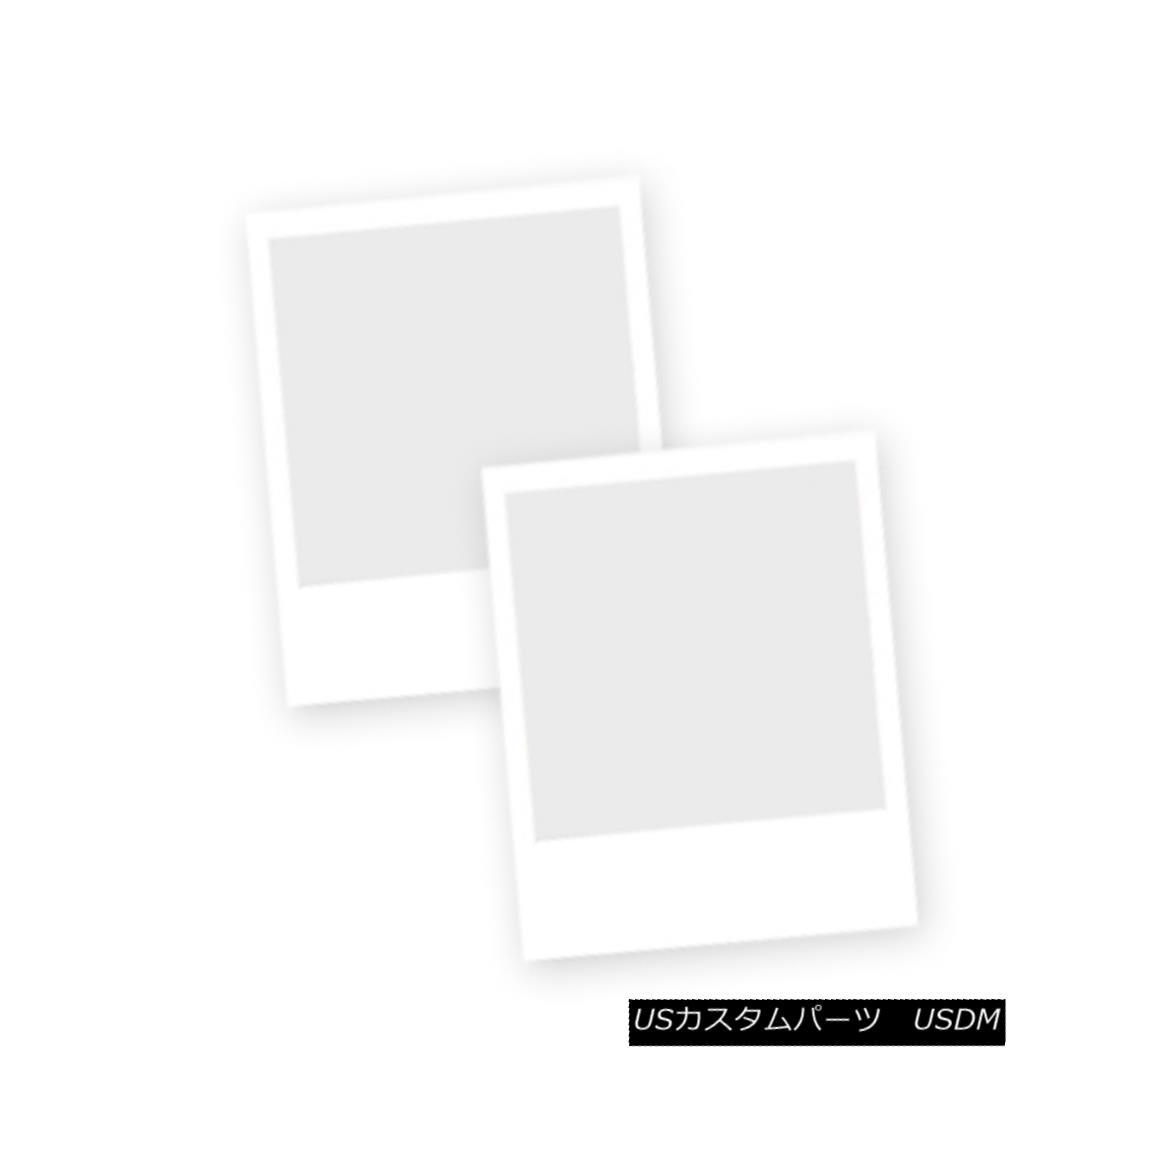 幌・ソフトトップ RAMPAGE 99315 Soft Top Oem Replacement RAMPAGE 99315ソフトトップemの交換